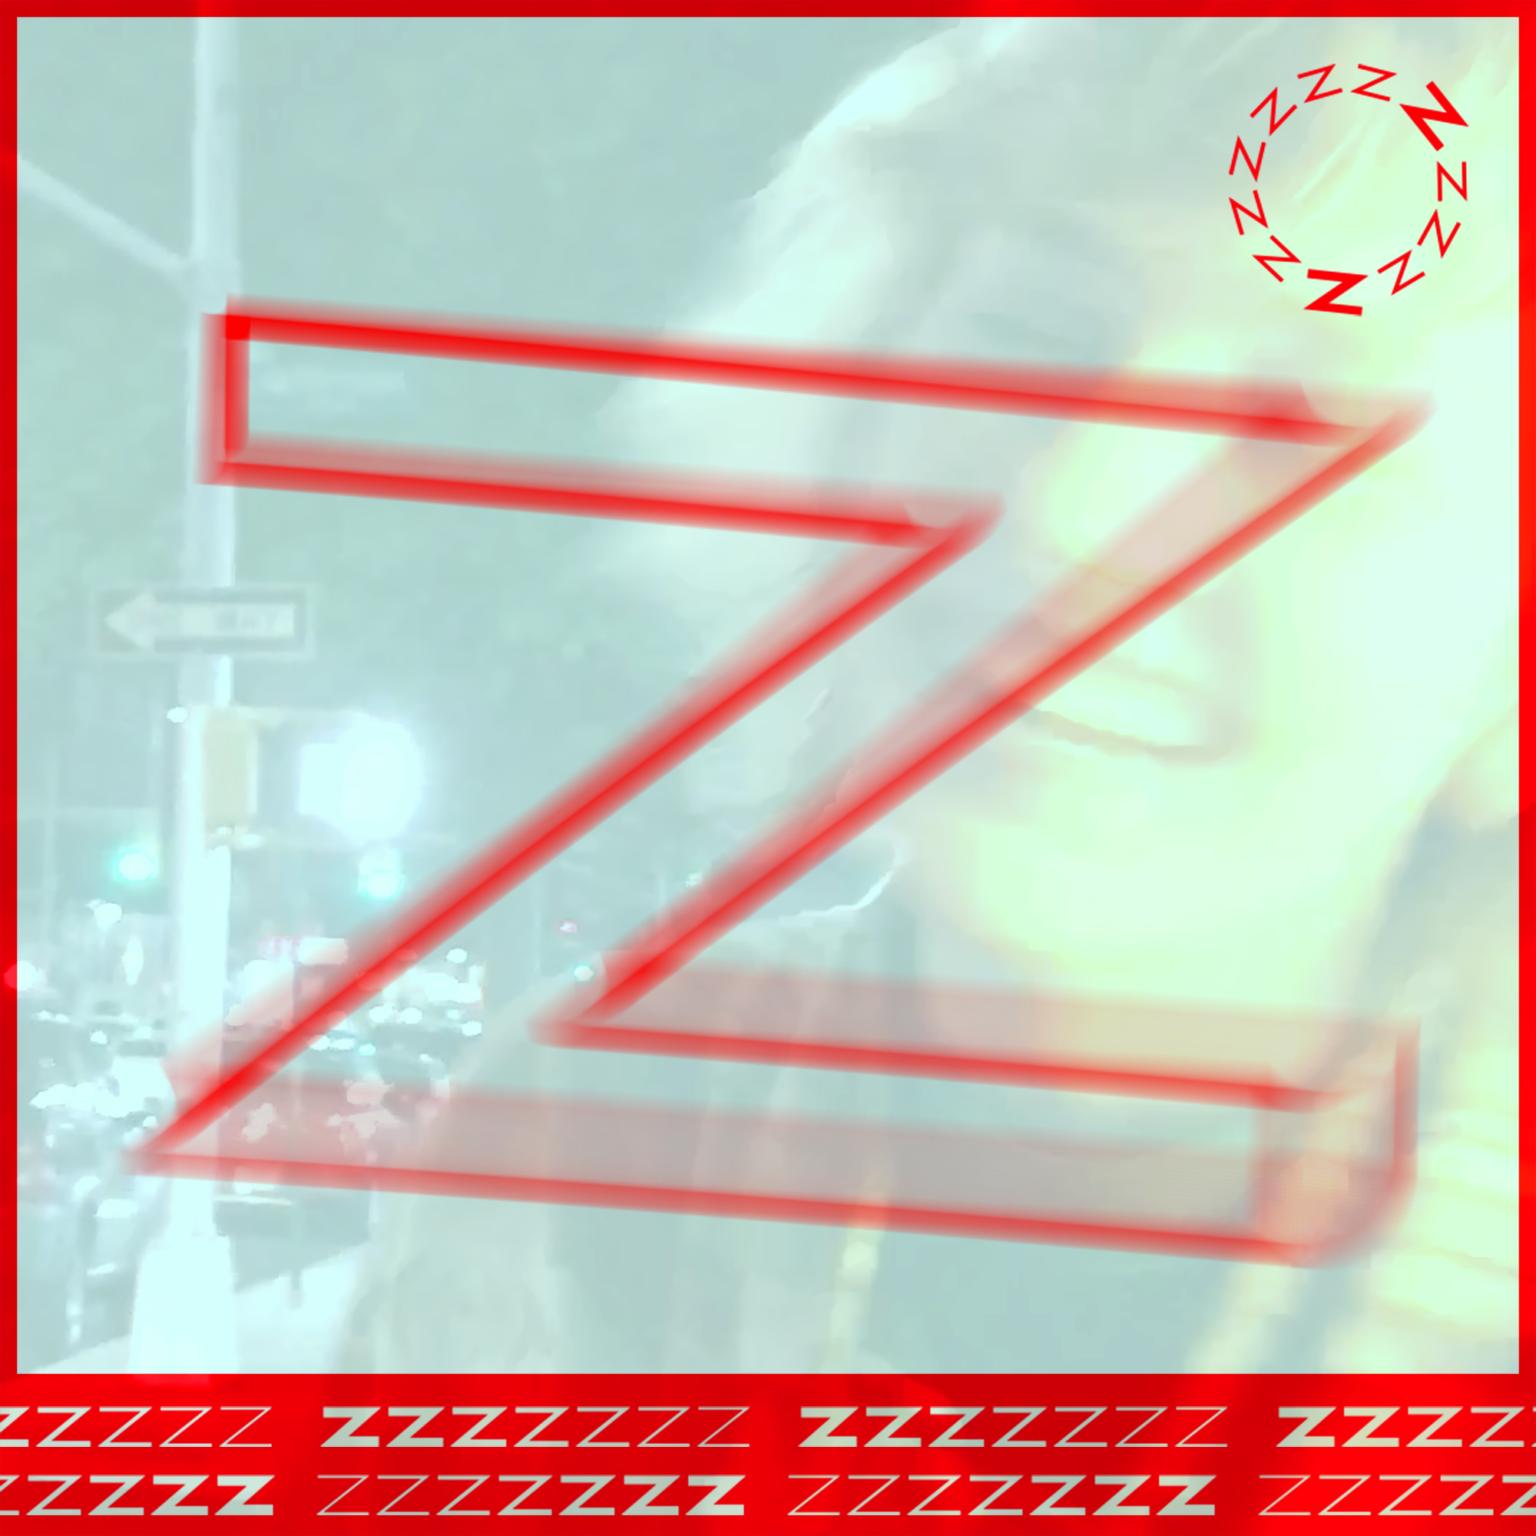 ATC Artist Series The Valdez Letter Z